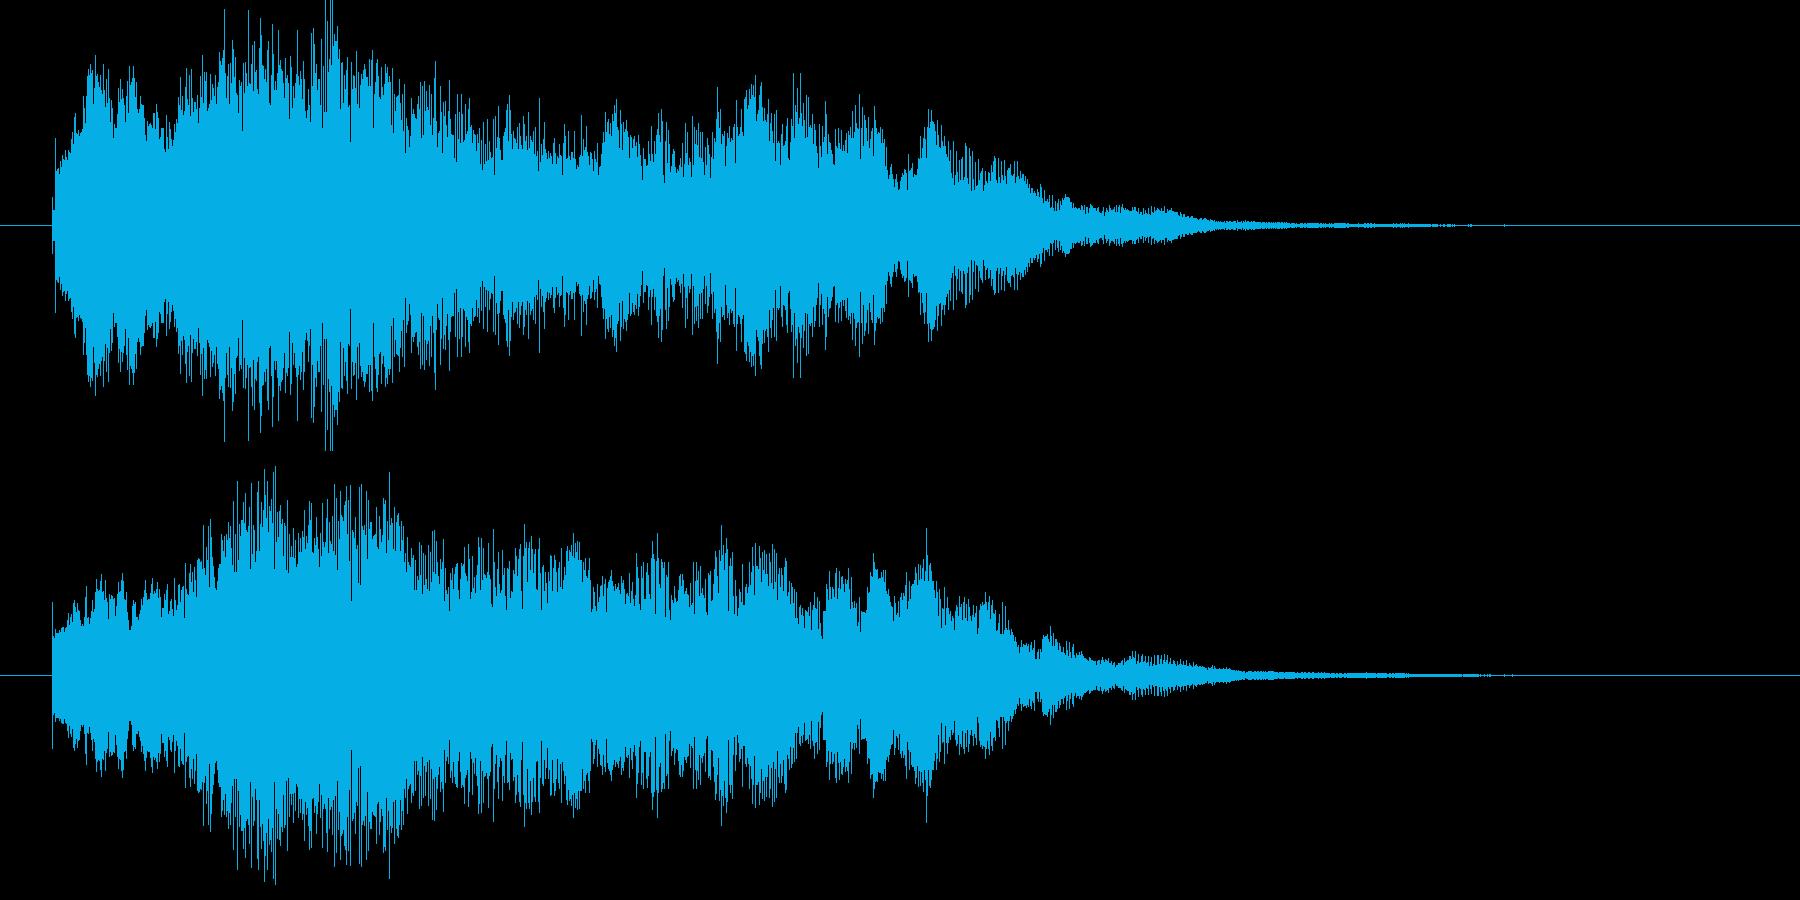 ゲームオーバー ファンタジー 宇宙の再生済みの波形